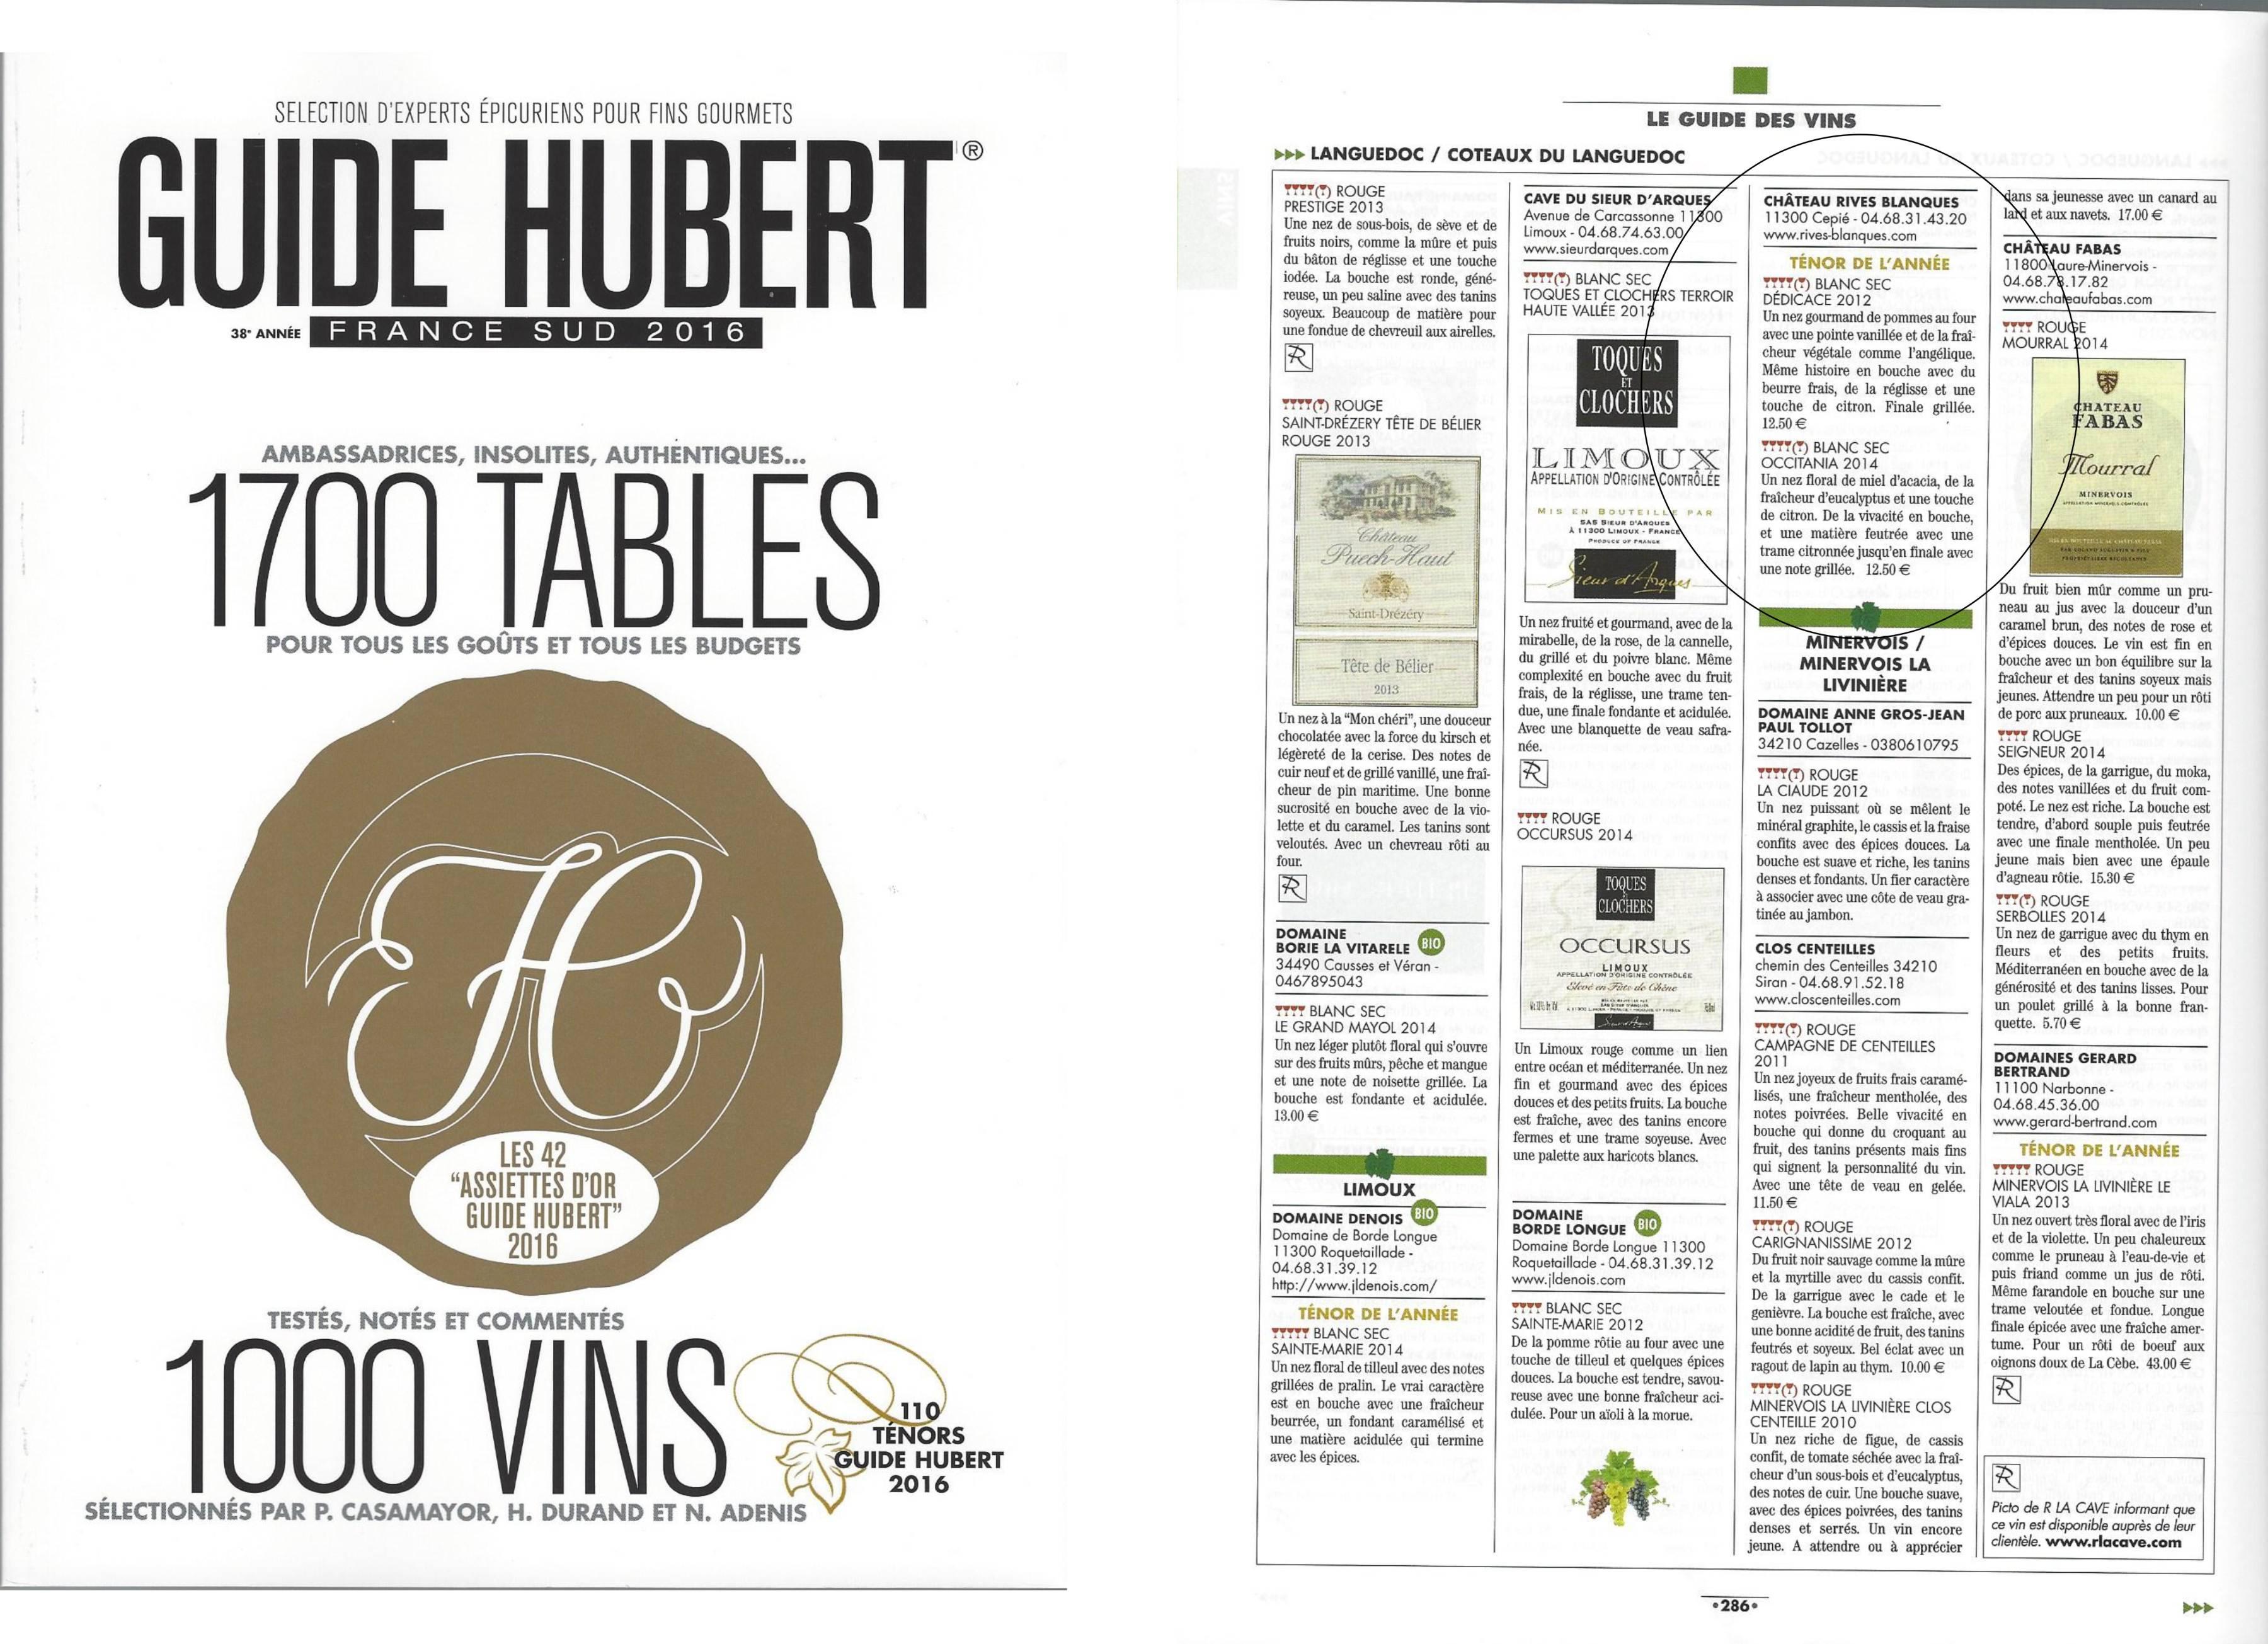 Guide Hubert 2016